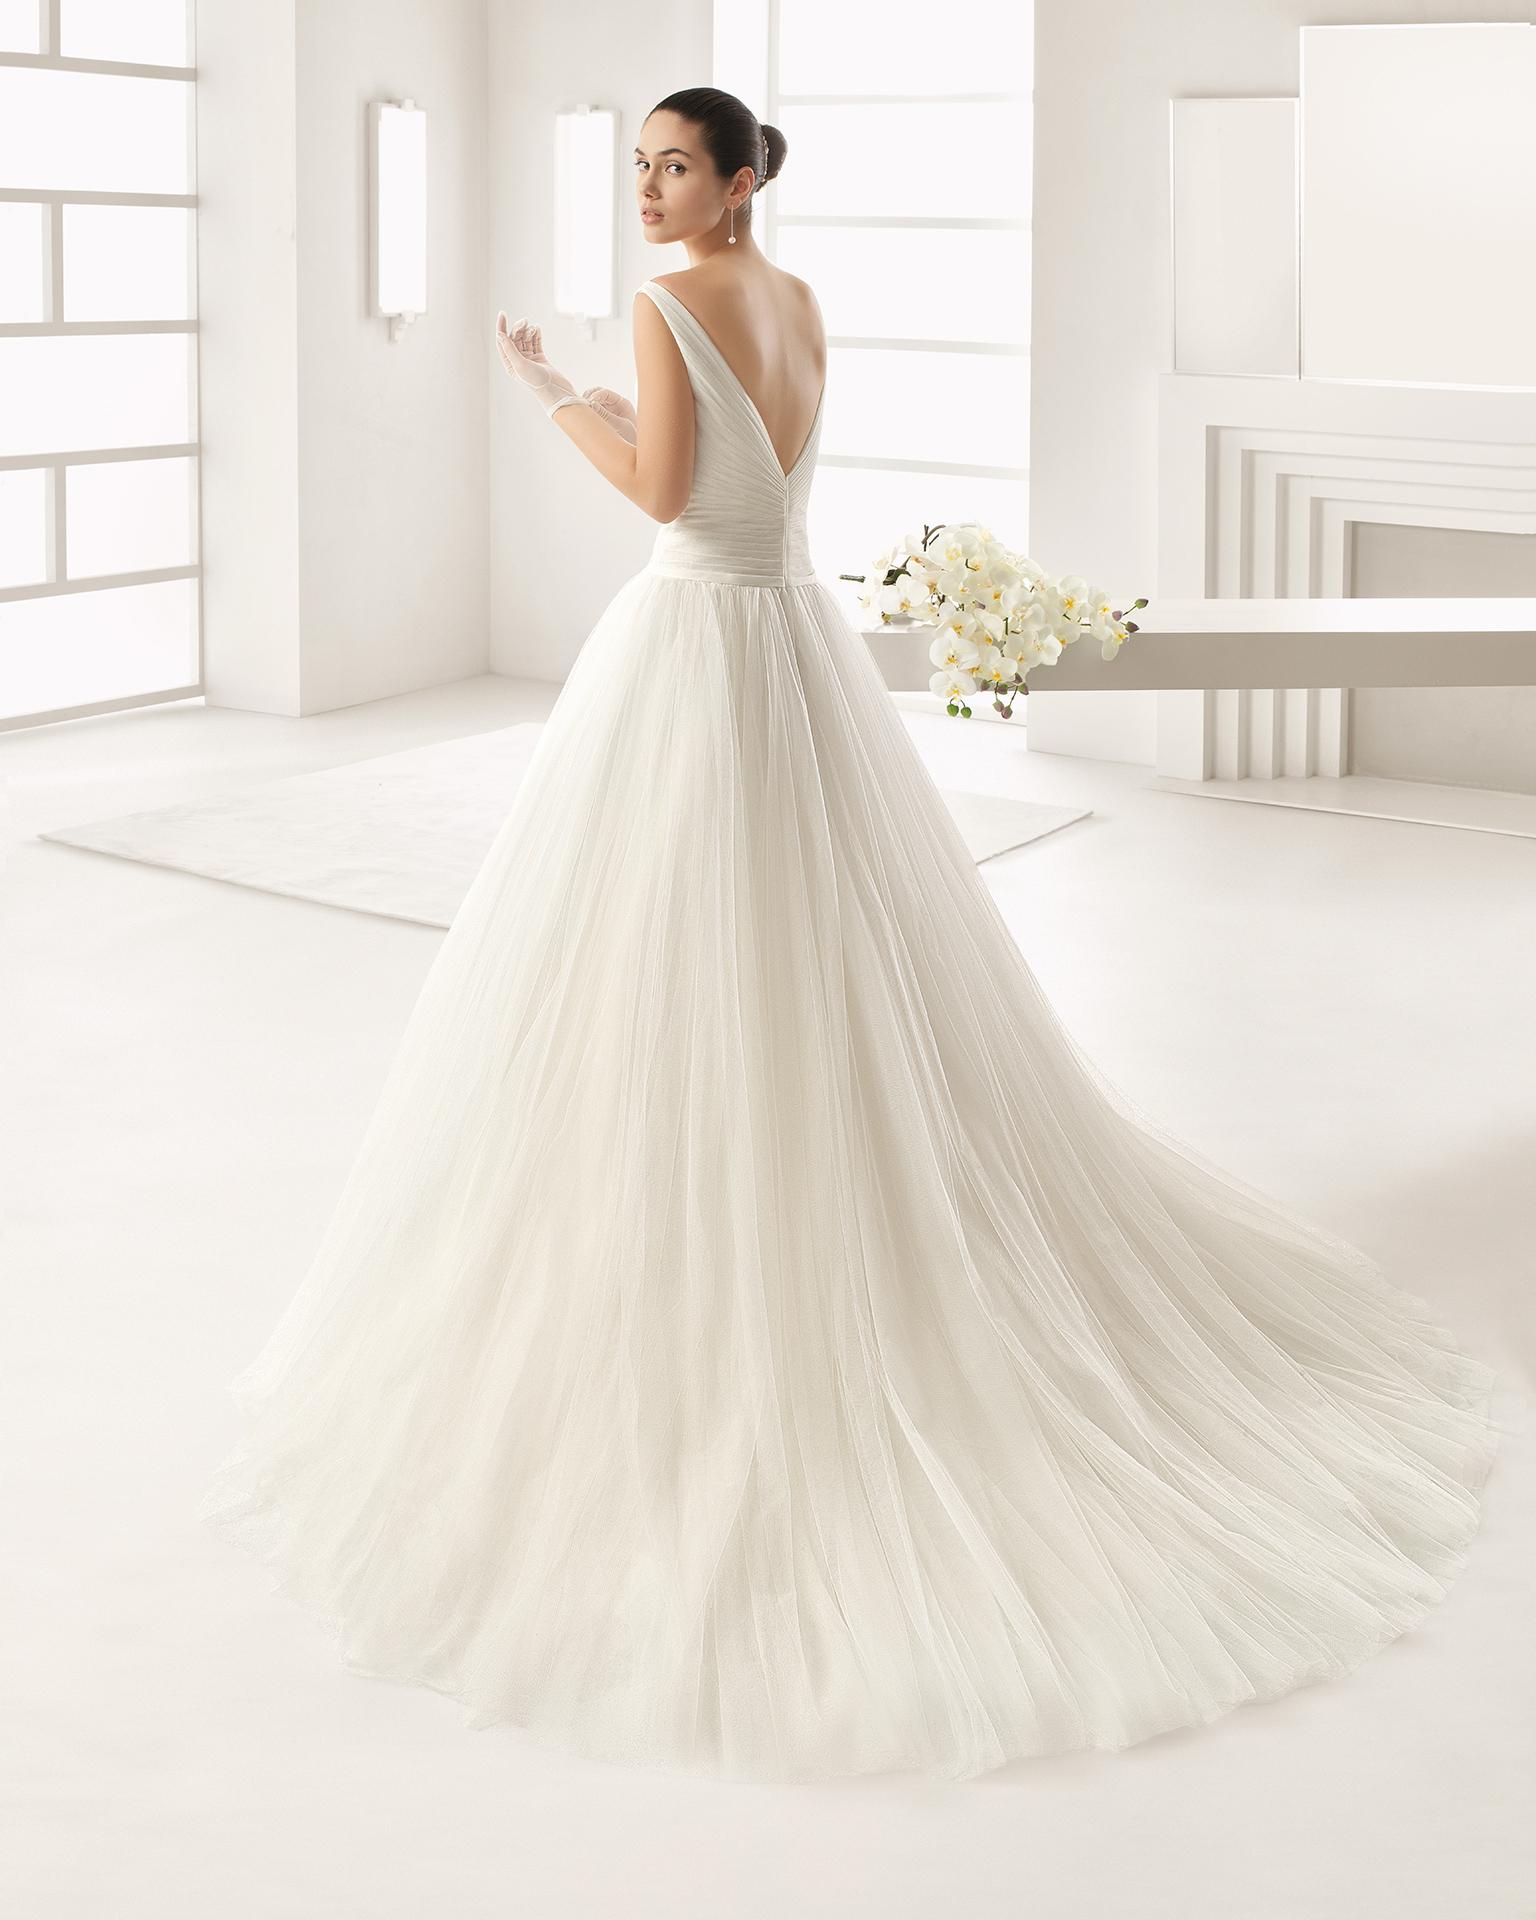 OLIVER vestido de tul suave con cuerpo drapeado. 57030adad731